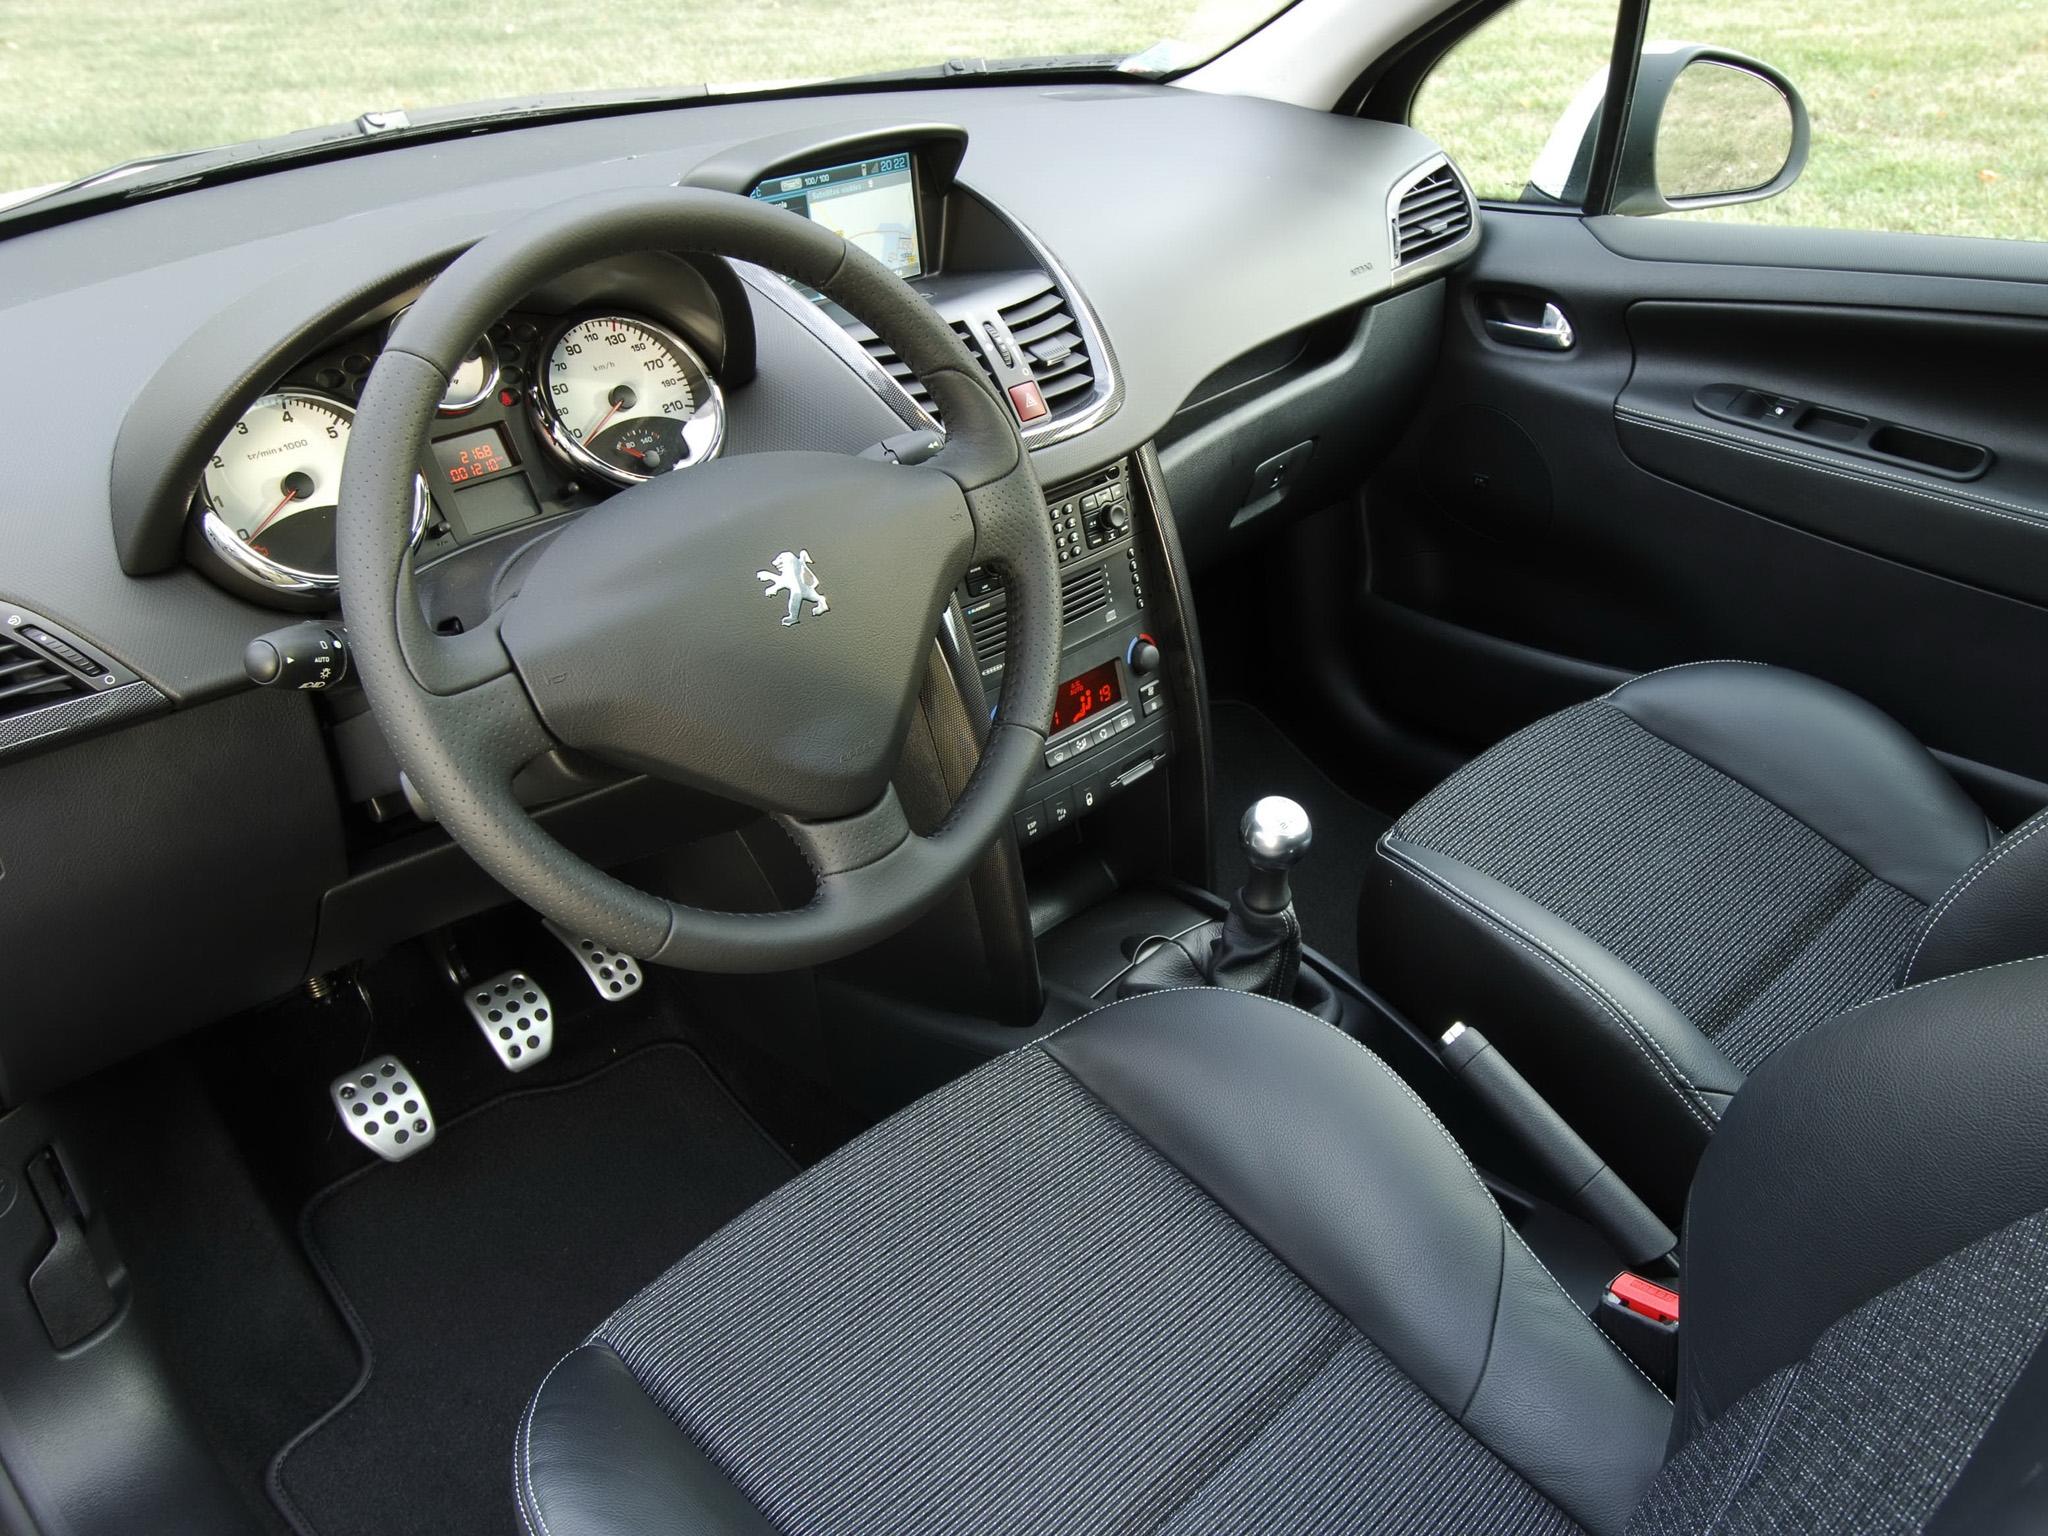 """При движении на дисплее Peugeot 207 появляется """"Gearbox faulty"""" и КПП 2-Tronic переходит в аварийный режим"""